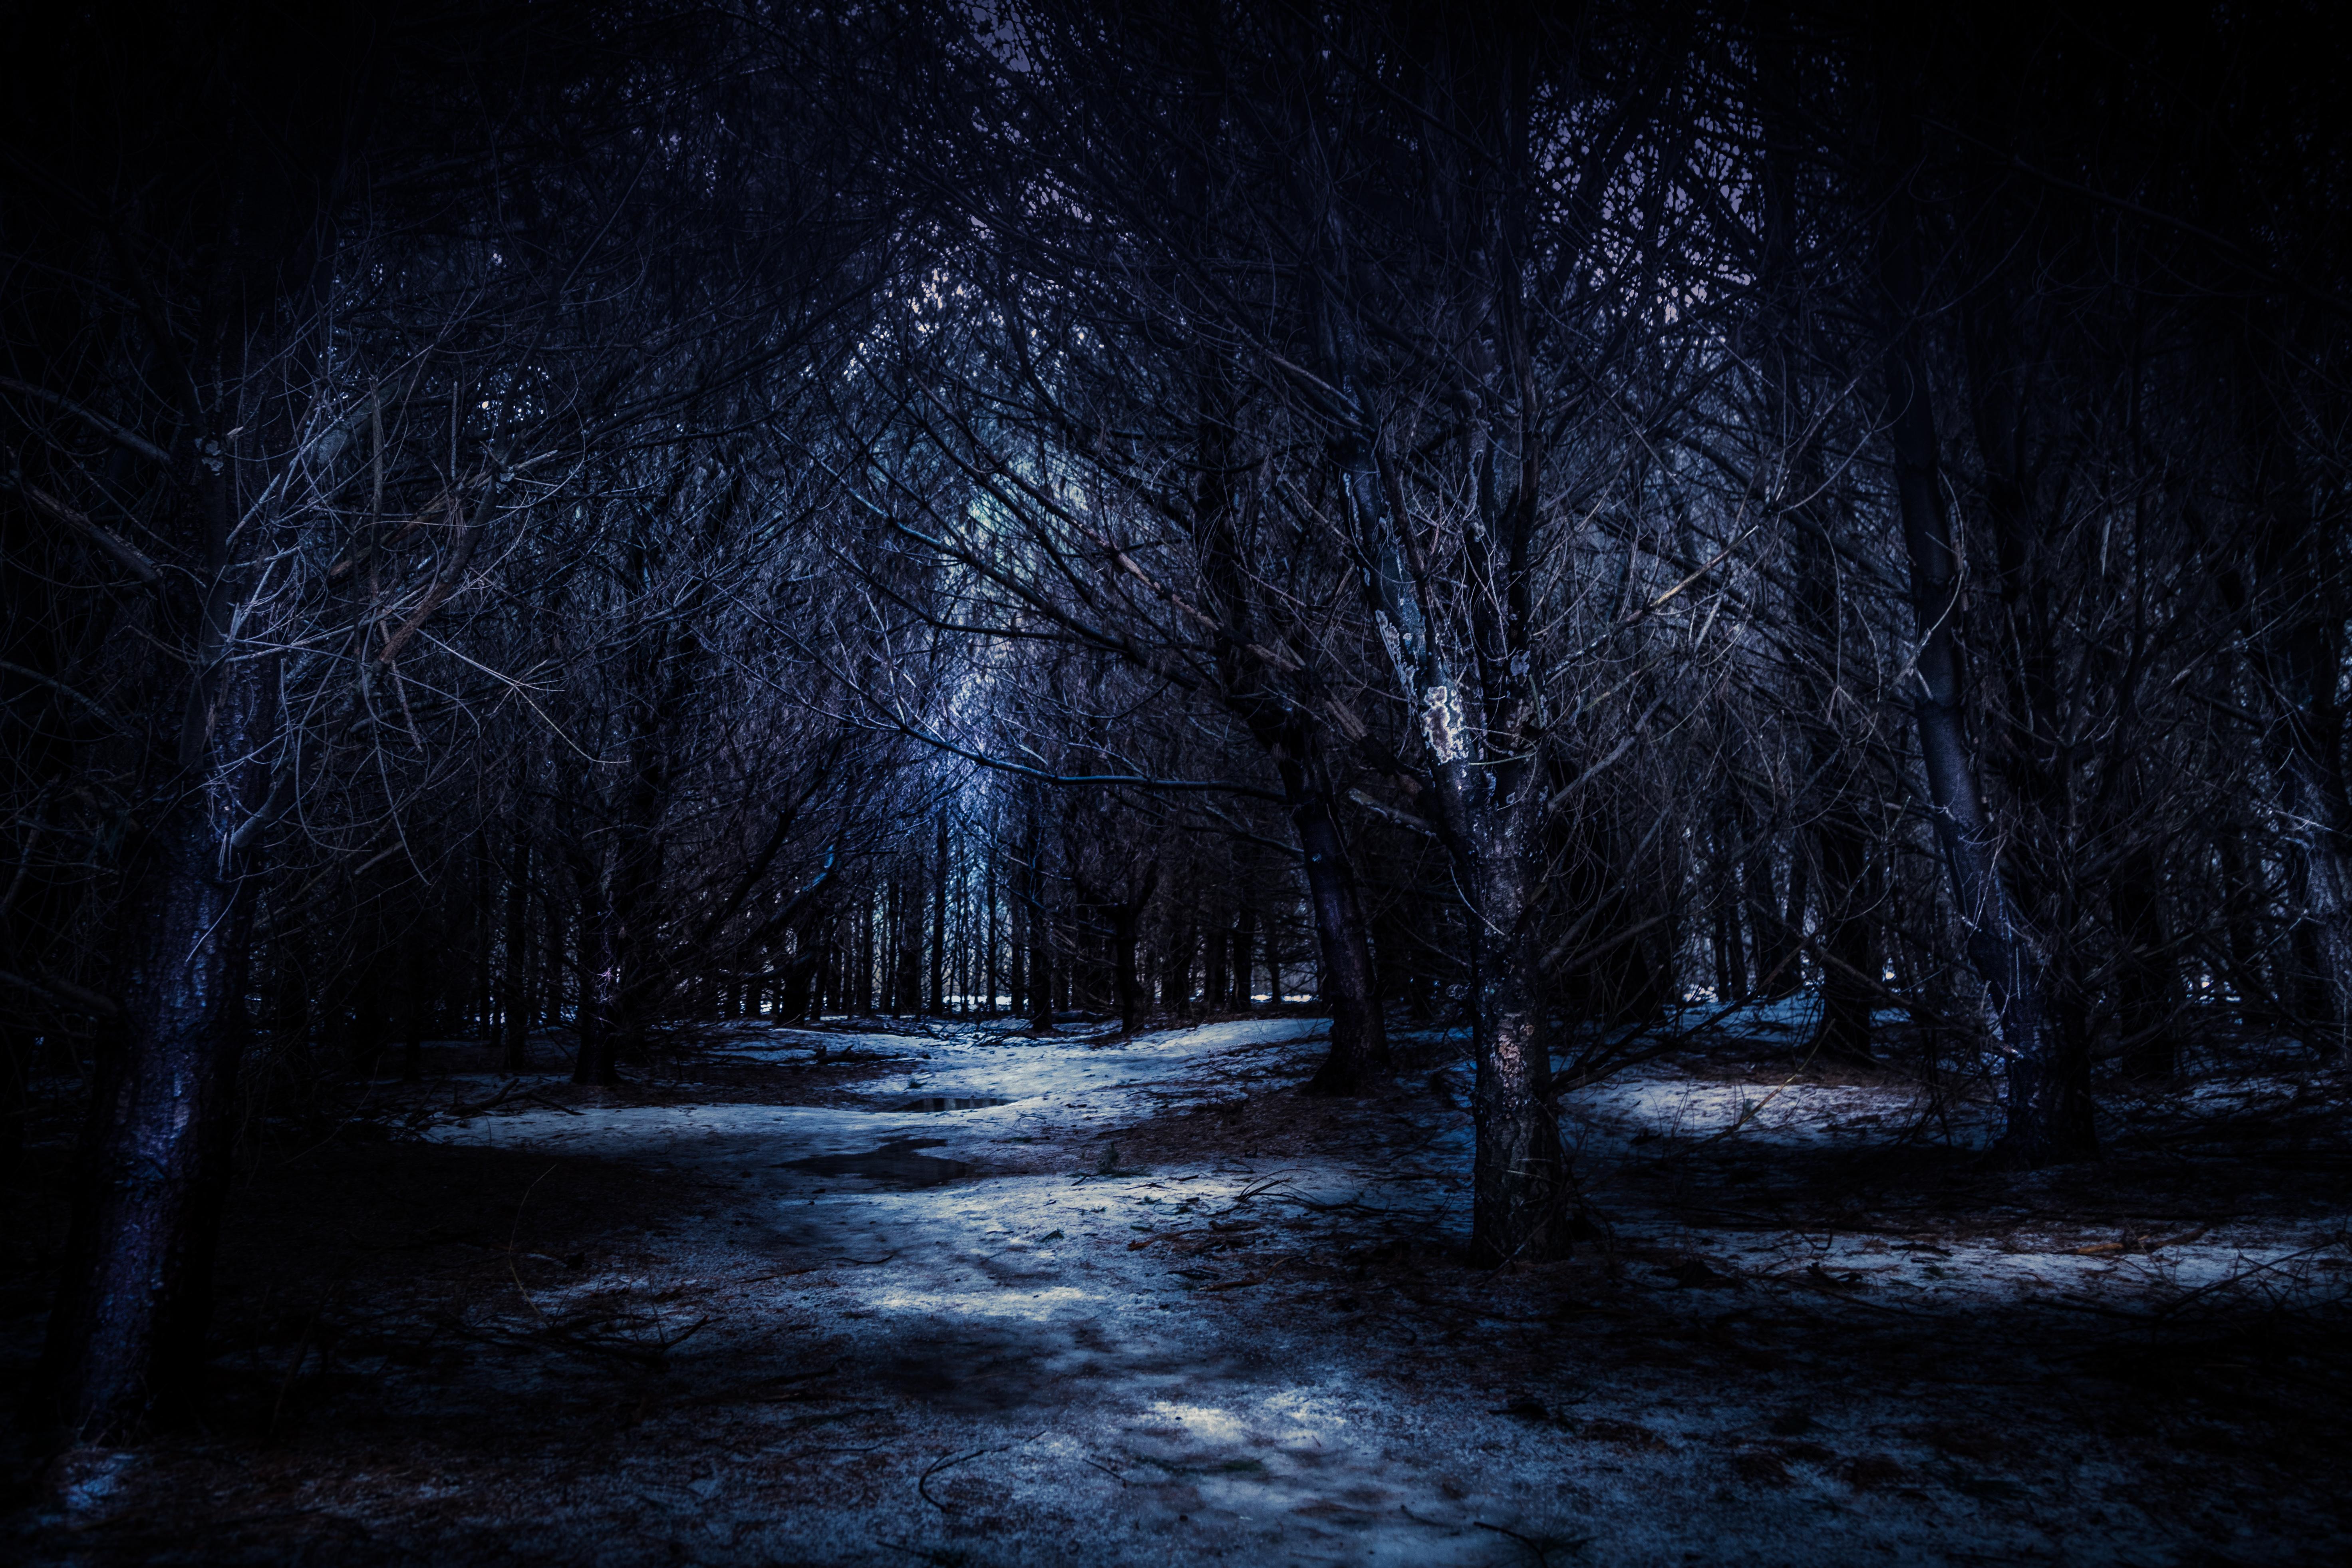 картинки красивые мрак сама